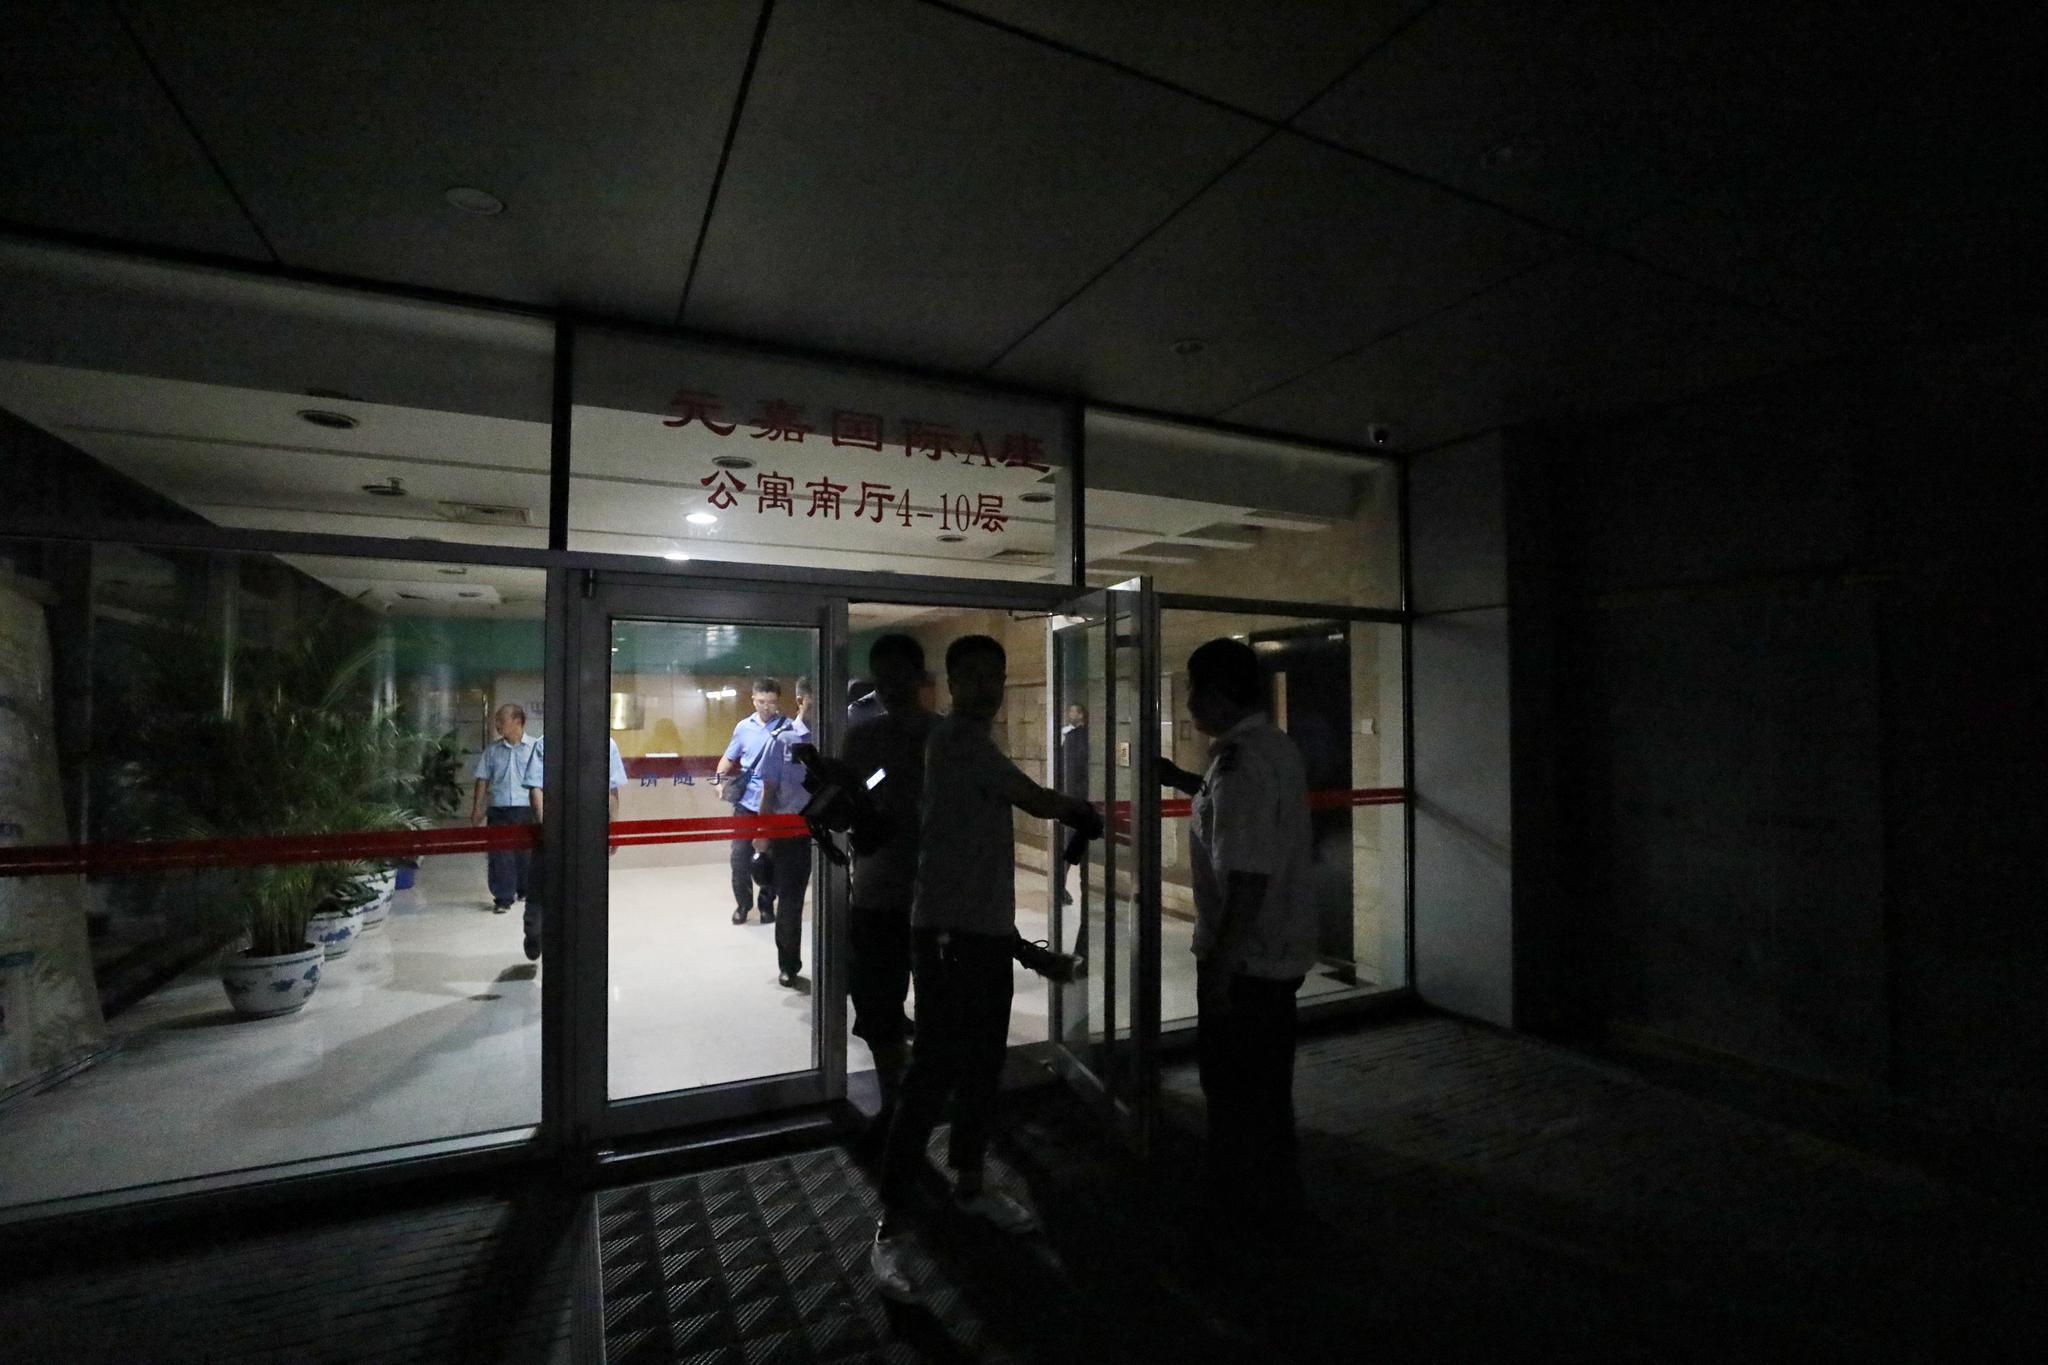 警方查处的公寓大门口。新京报记者王飞摄